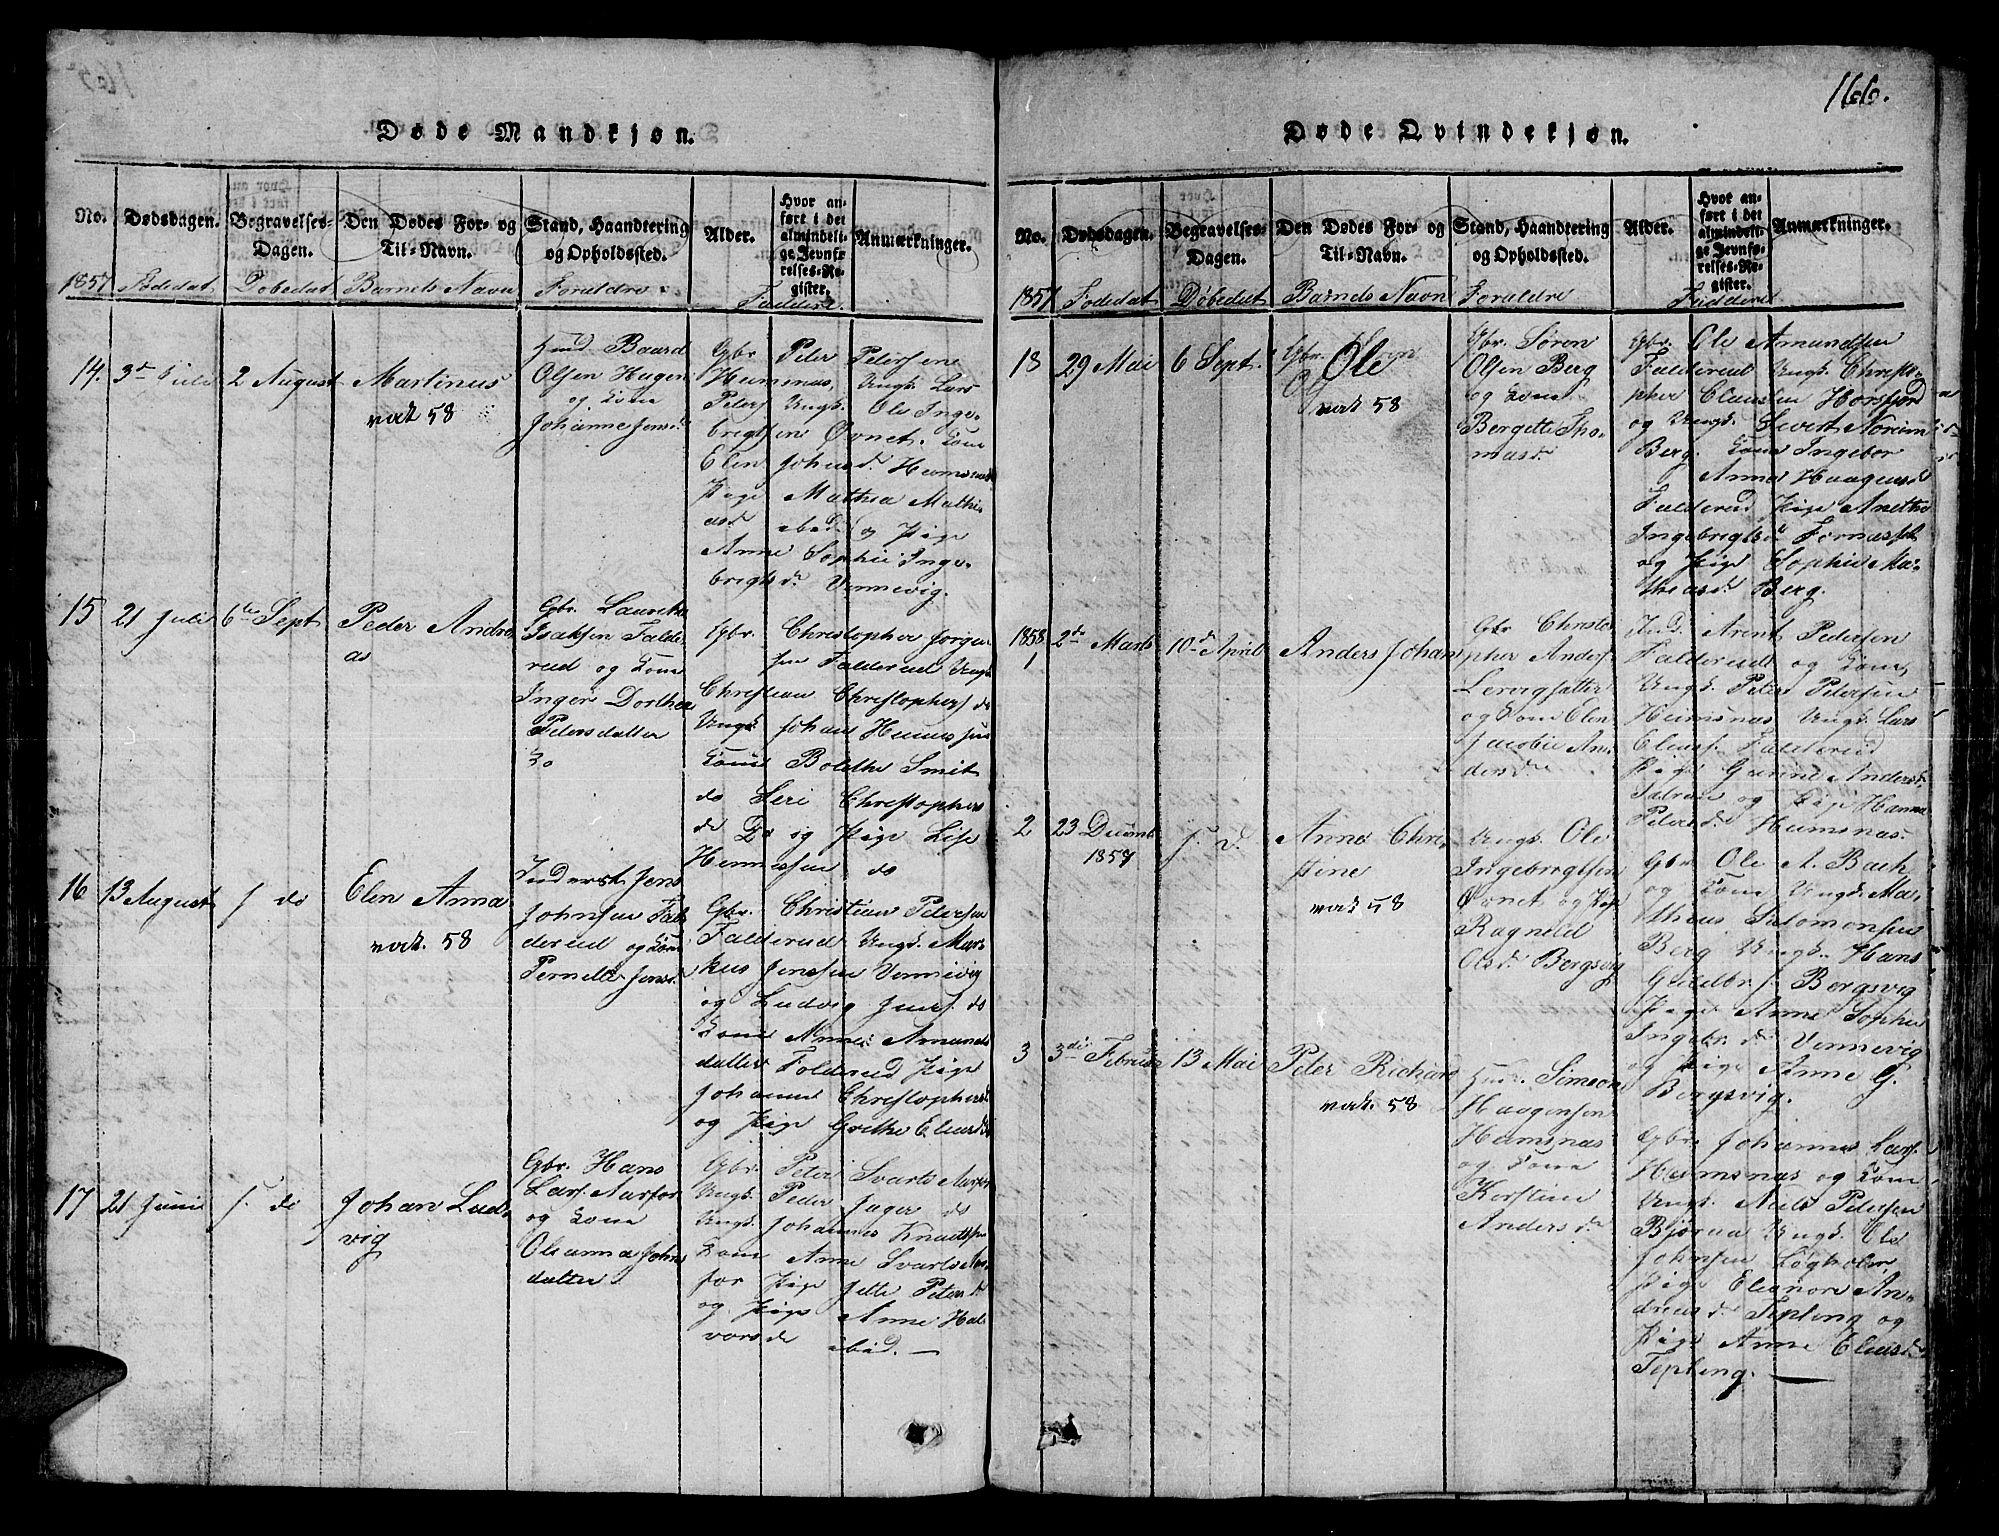 SAT, Ministerialprotokoller, klokkerbøker og fødselsregistre - Nord-Trøndelag, 780/L0648: Klokkerbok nr. 780C01 /3, 1815-1877, s. 166